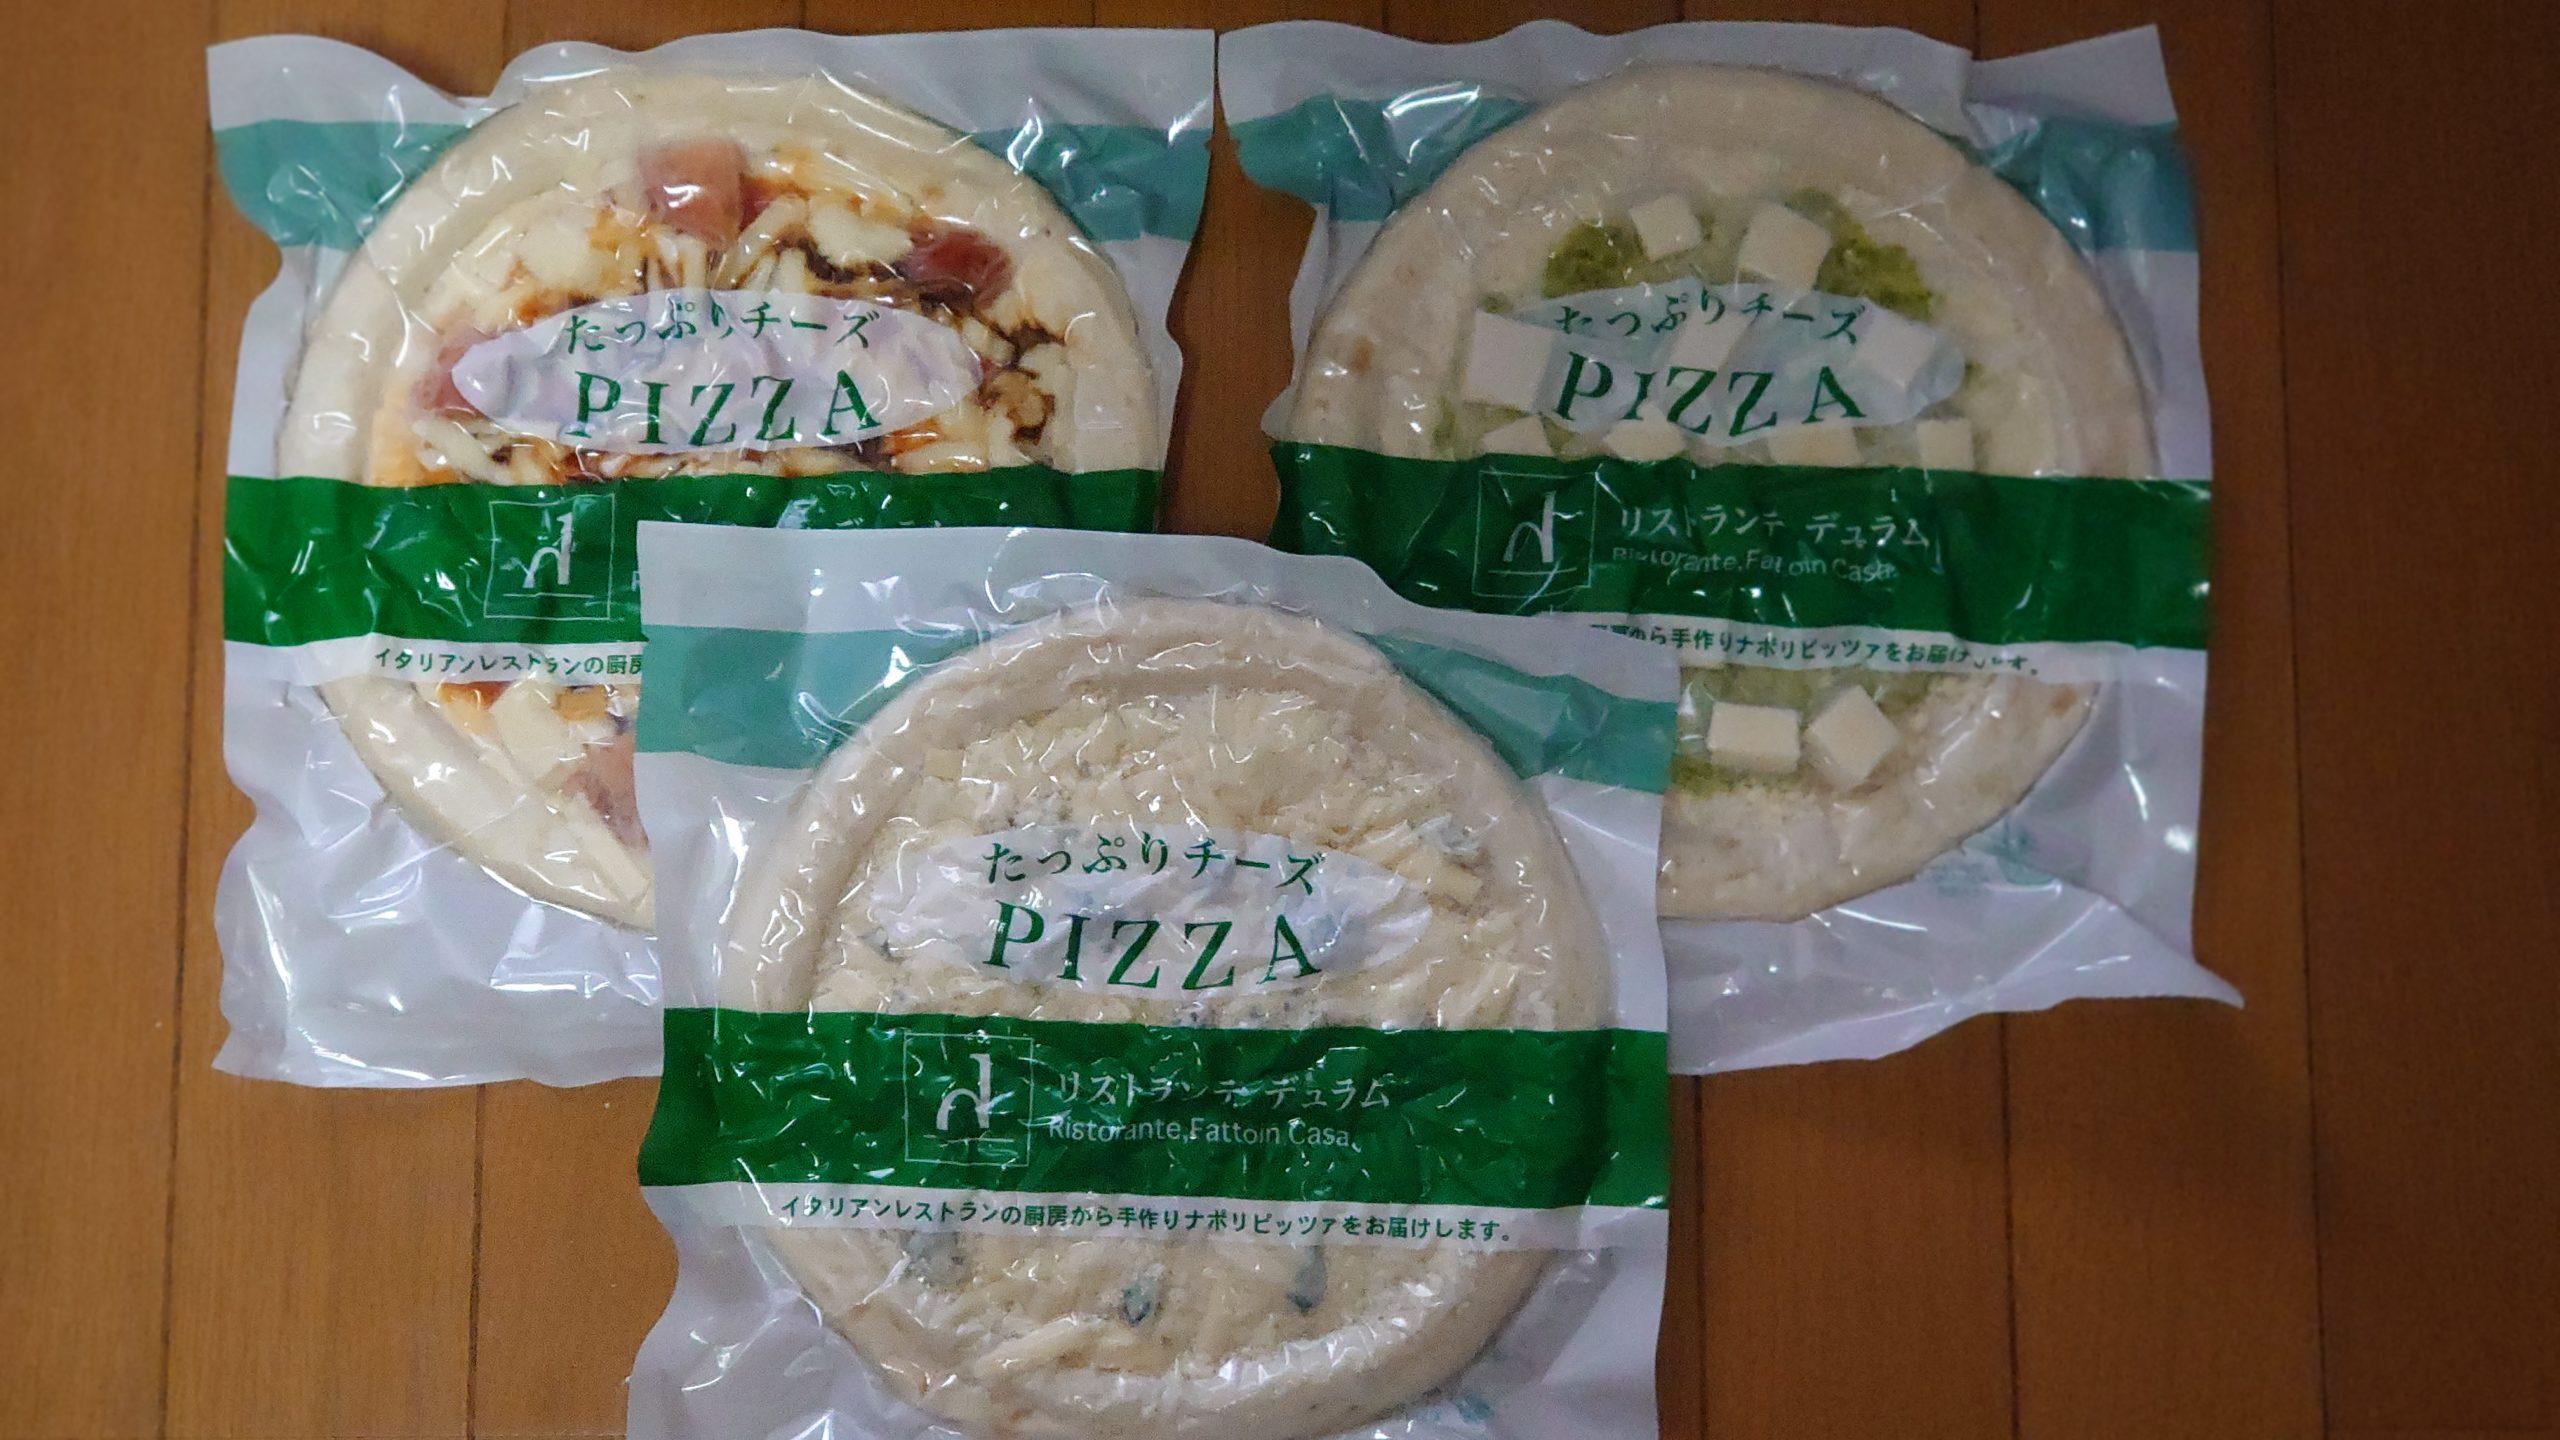 楽天のピザ屋の中でも価格と商品のバランスがよい「リストランテ デュラム」